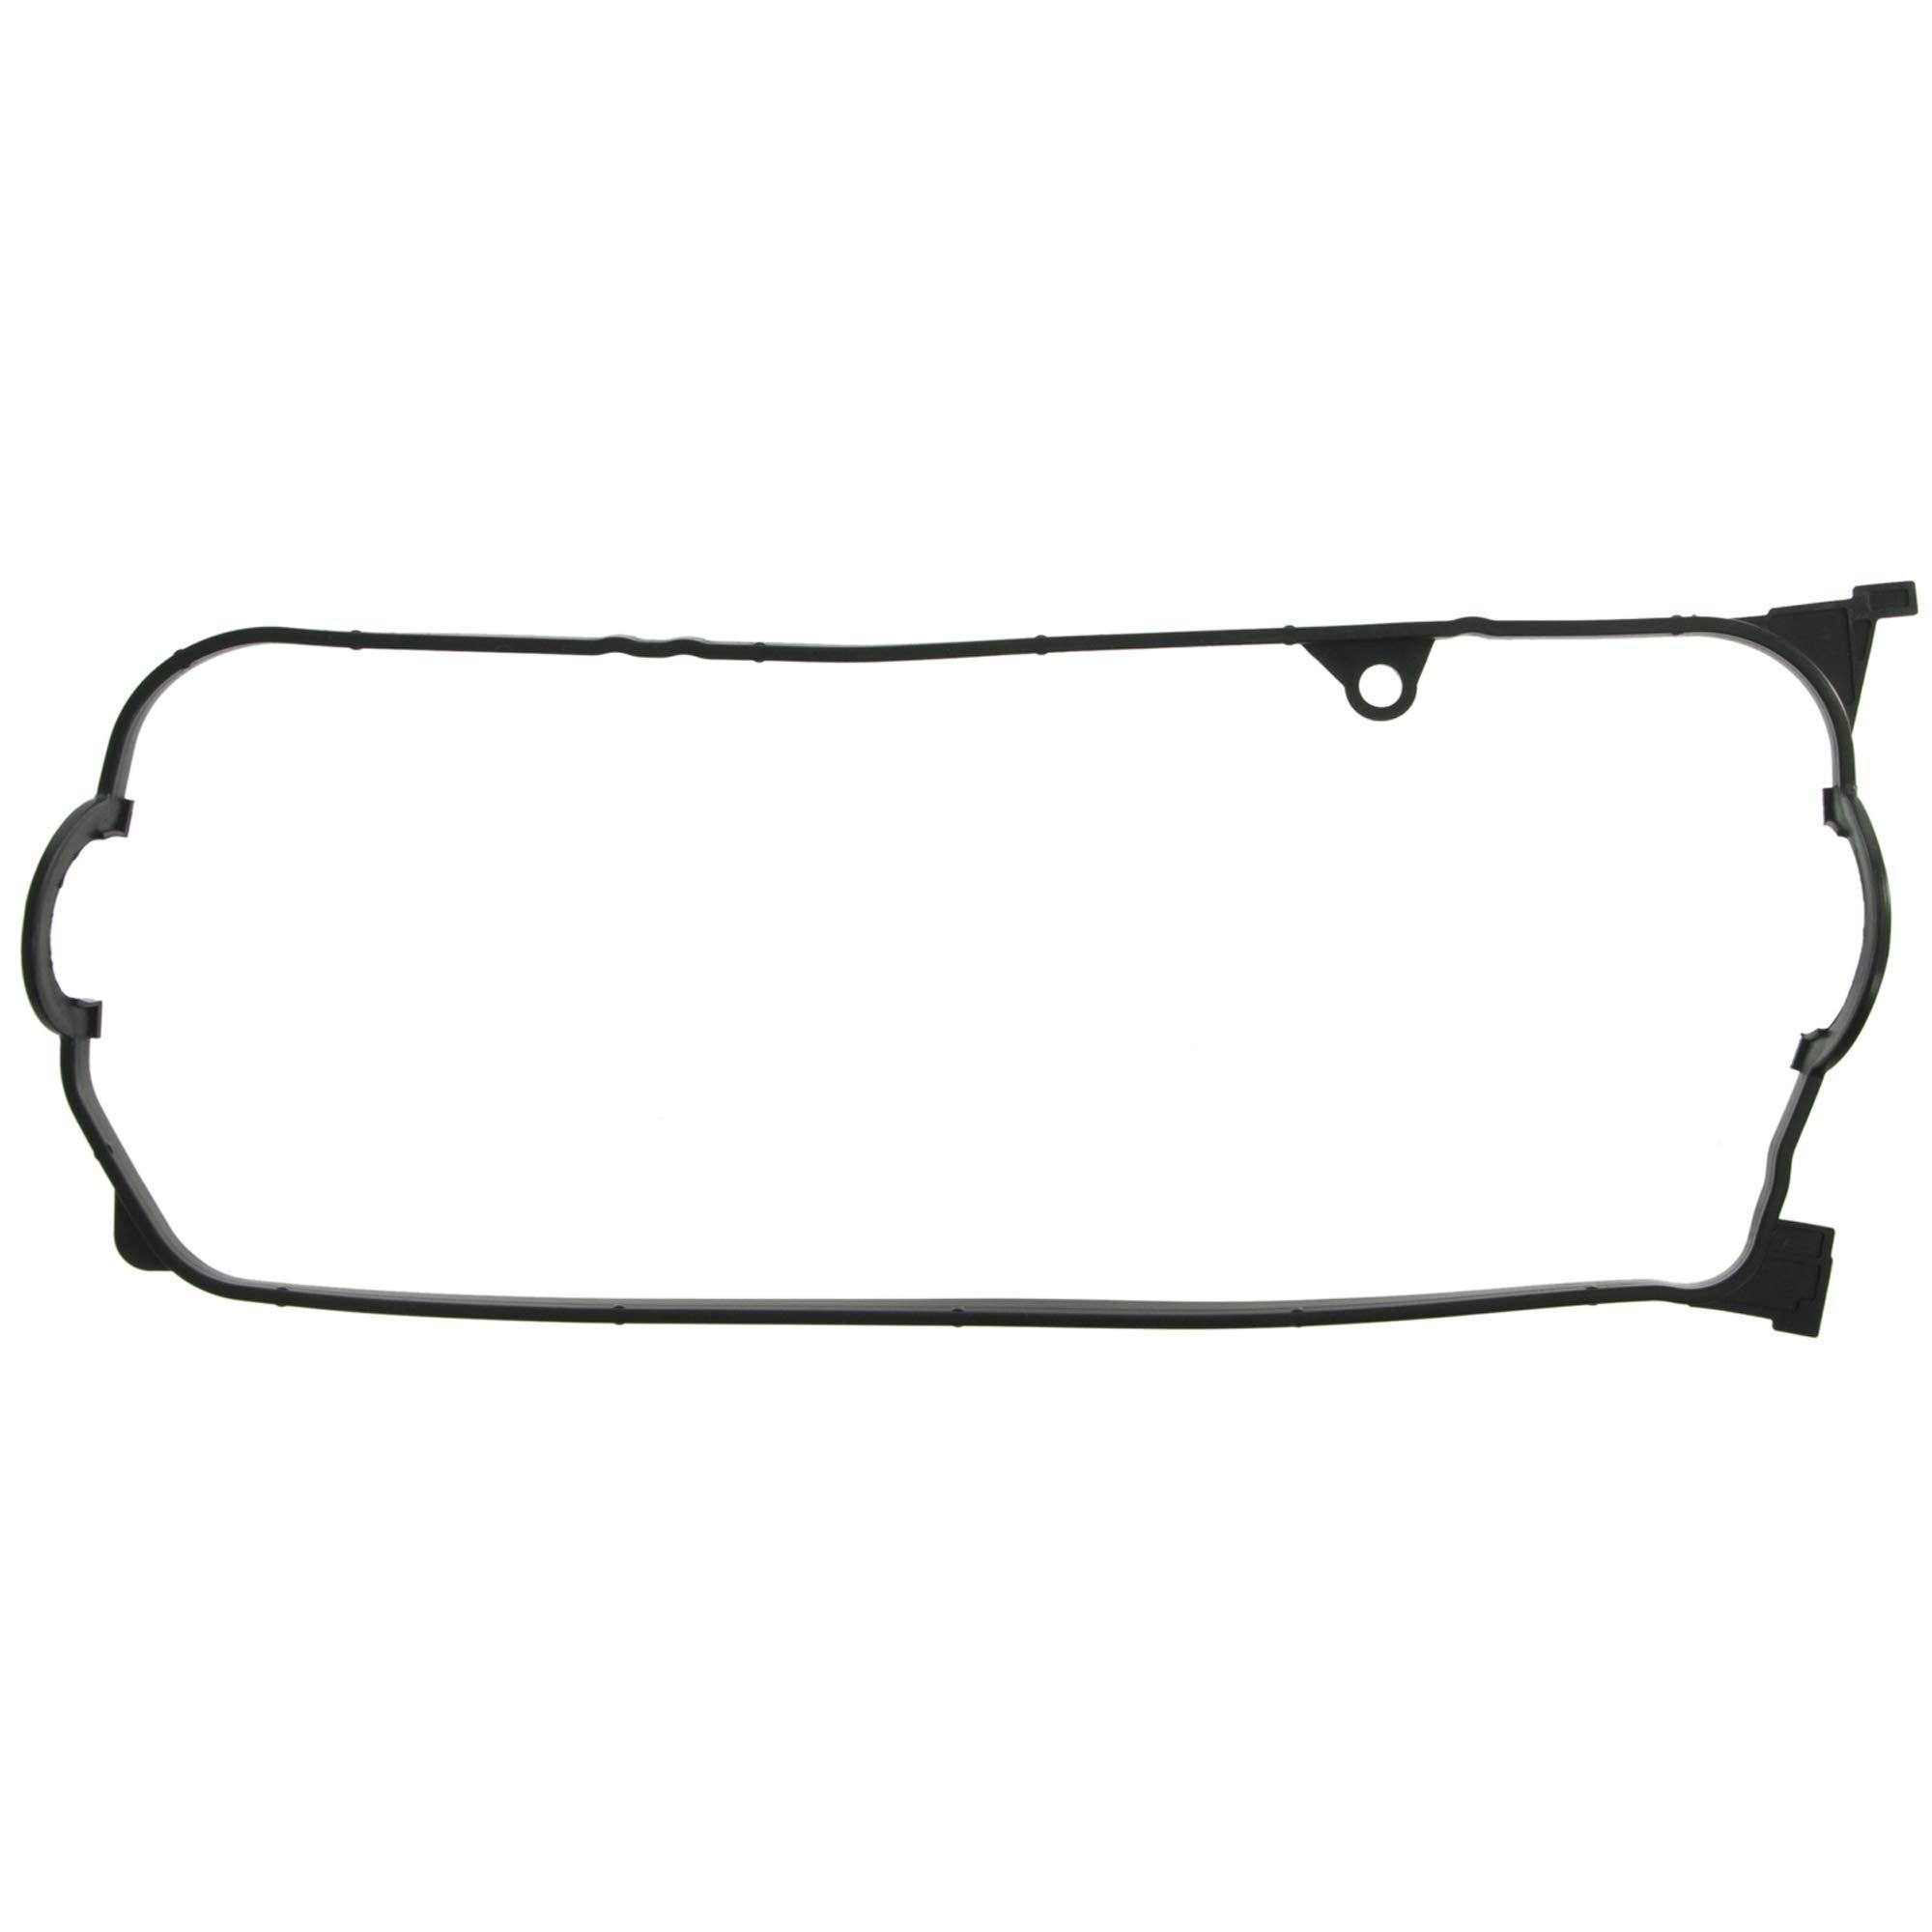 Engine Valve Cover Gasket Set Fel-Pro VS 50682 R